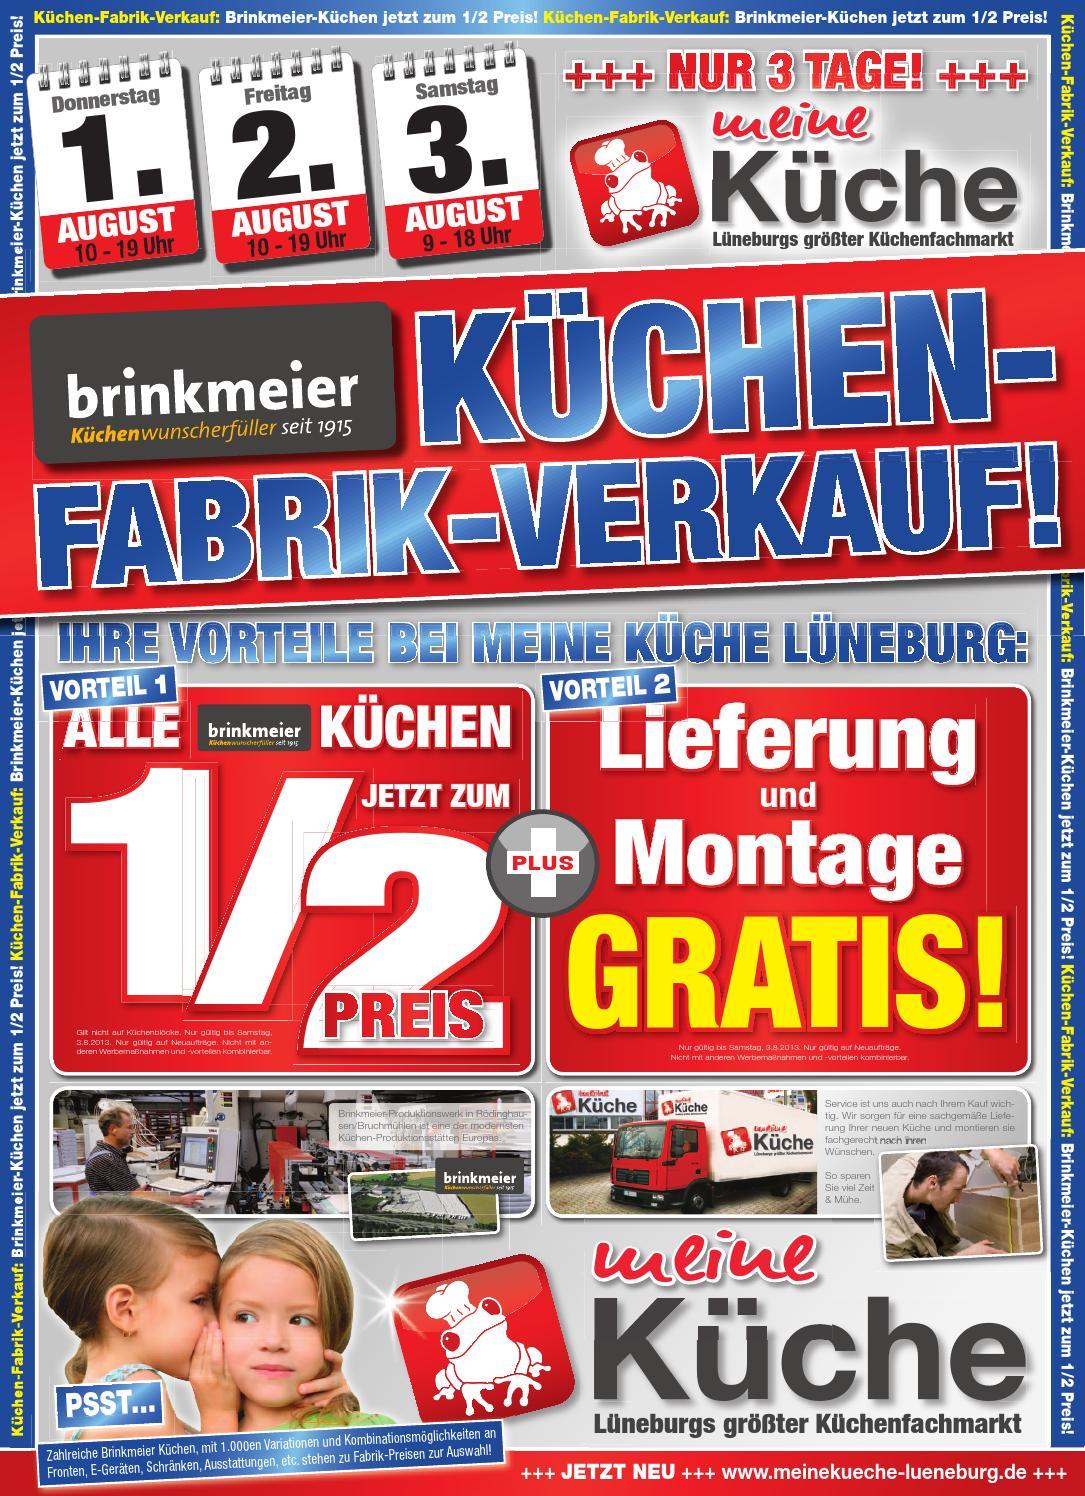 brinkmeier fabrikverkauf bei meine k che l neburg by thomas brandt issuu. Black Bedroom Furniture Sets. Home Design Ideas